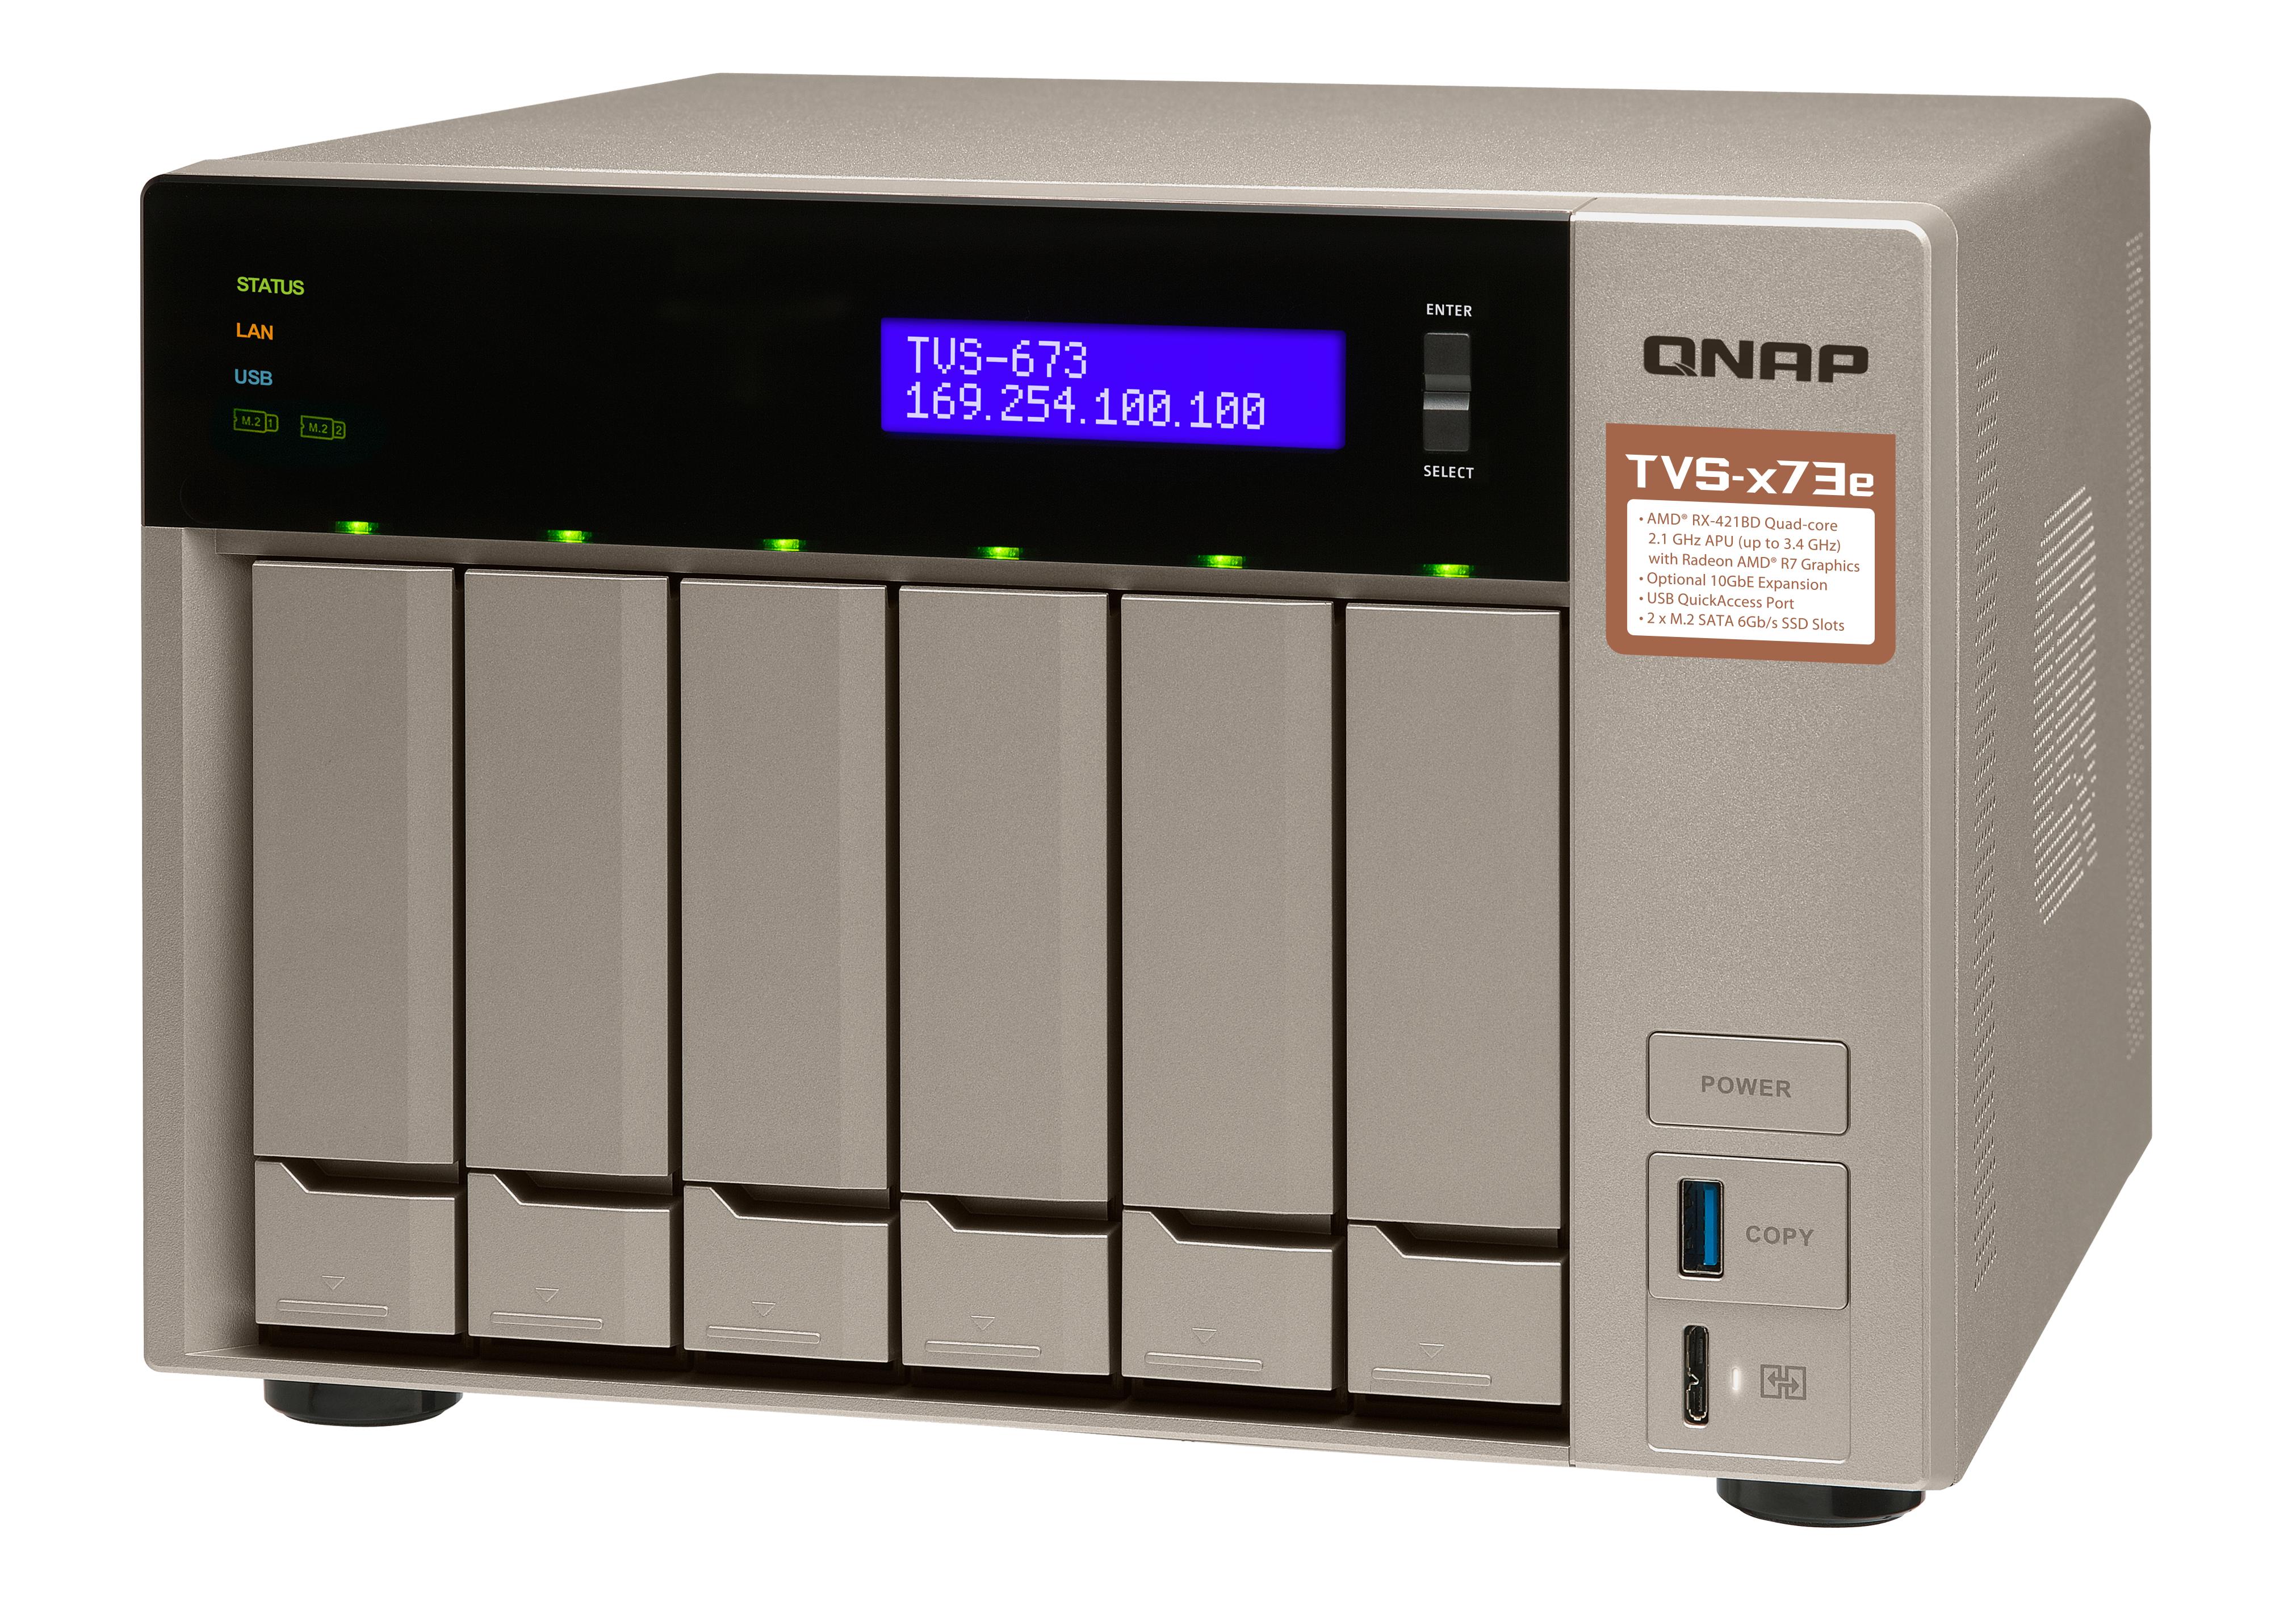 QNAP TVS-673e-8G NAS Torre Collegamento ethernet LAN Grigio